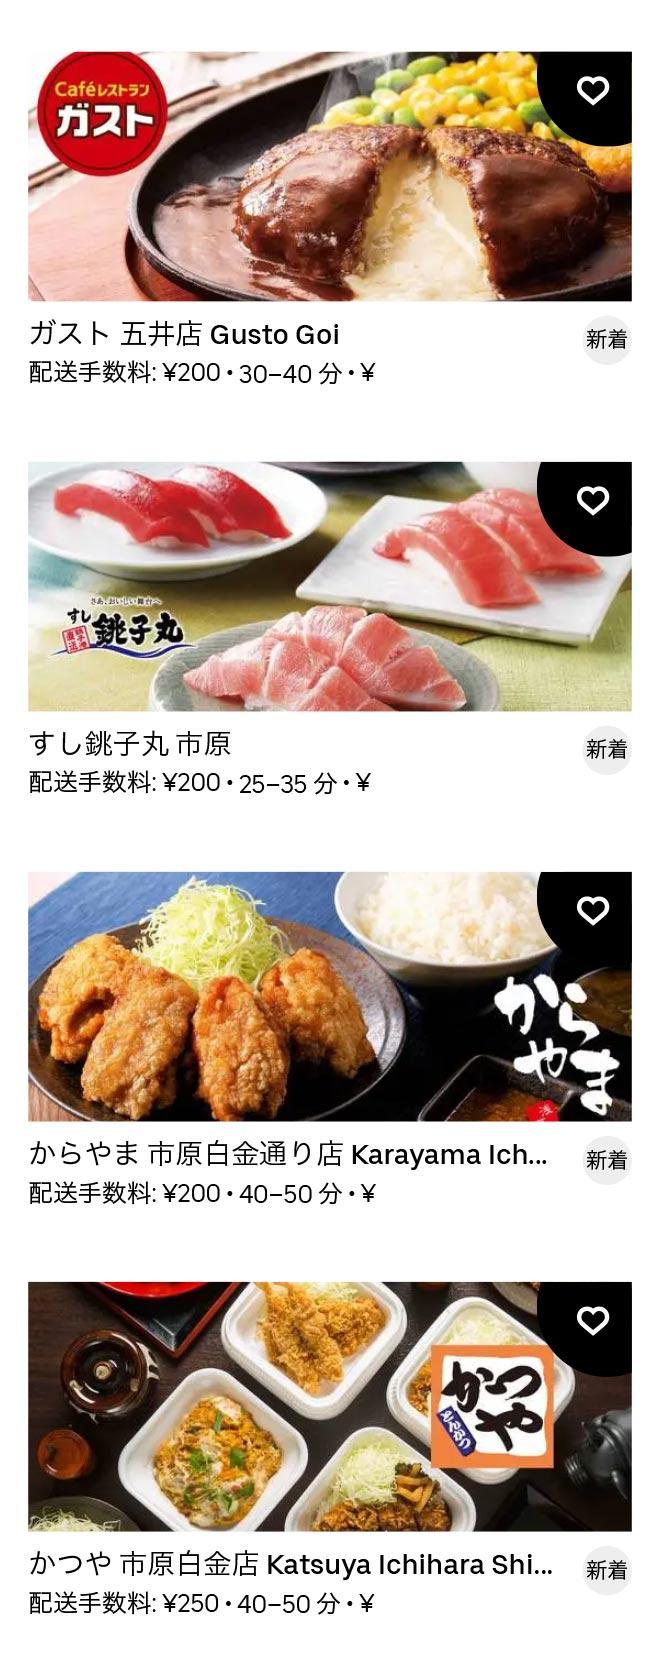 Ichihara goi menu 2011 2